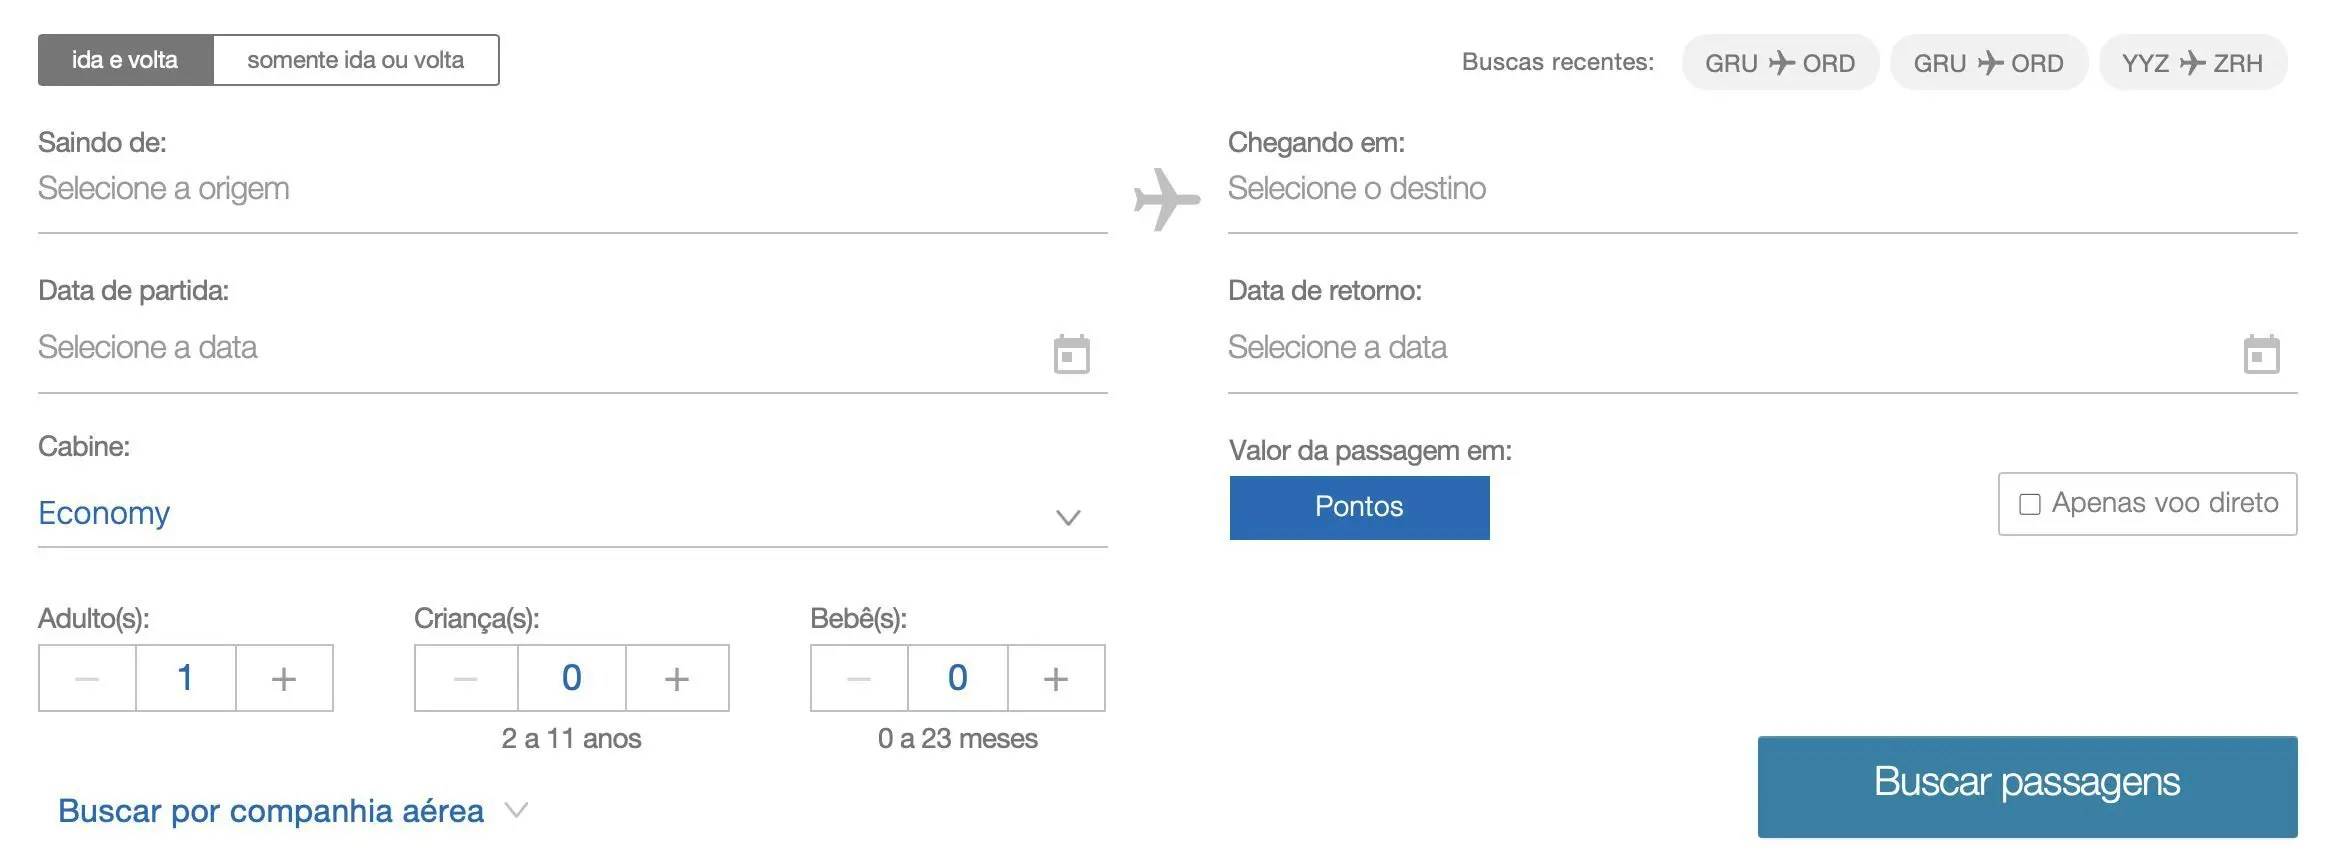 programa TudoAzul voos internacionais